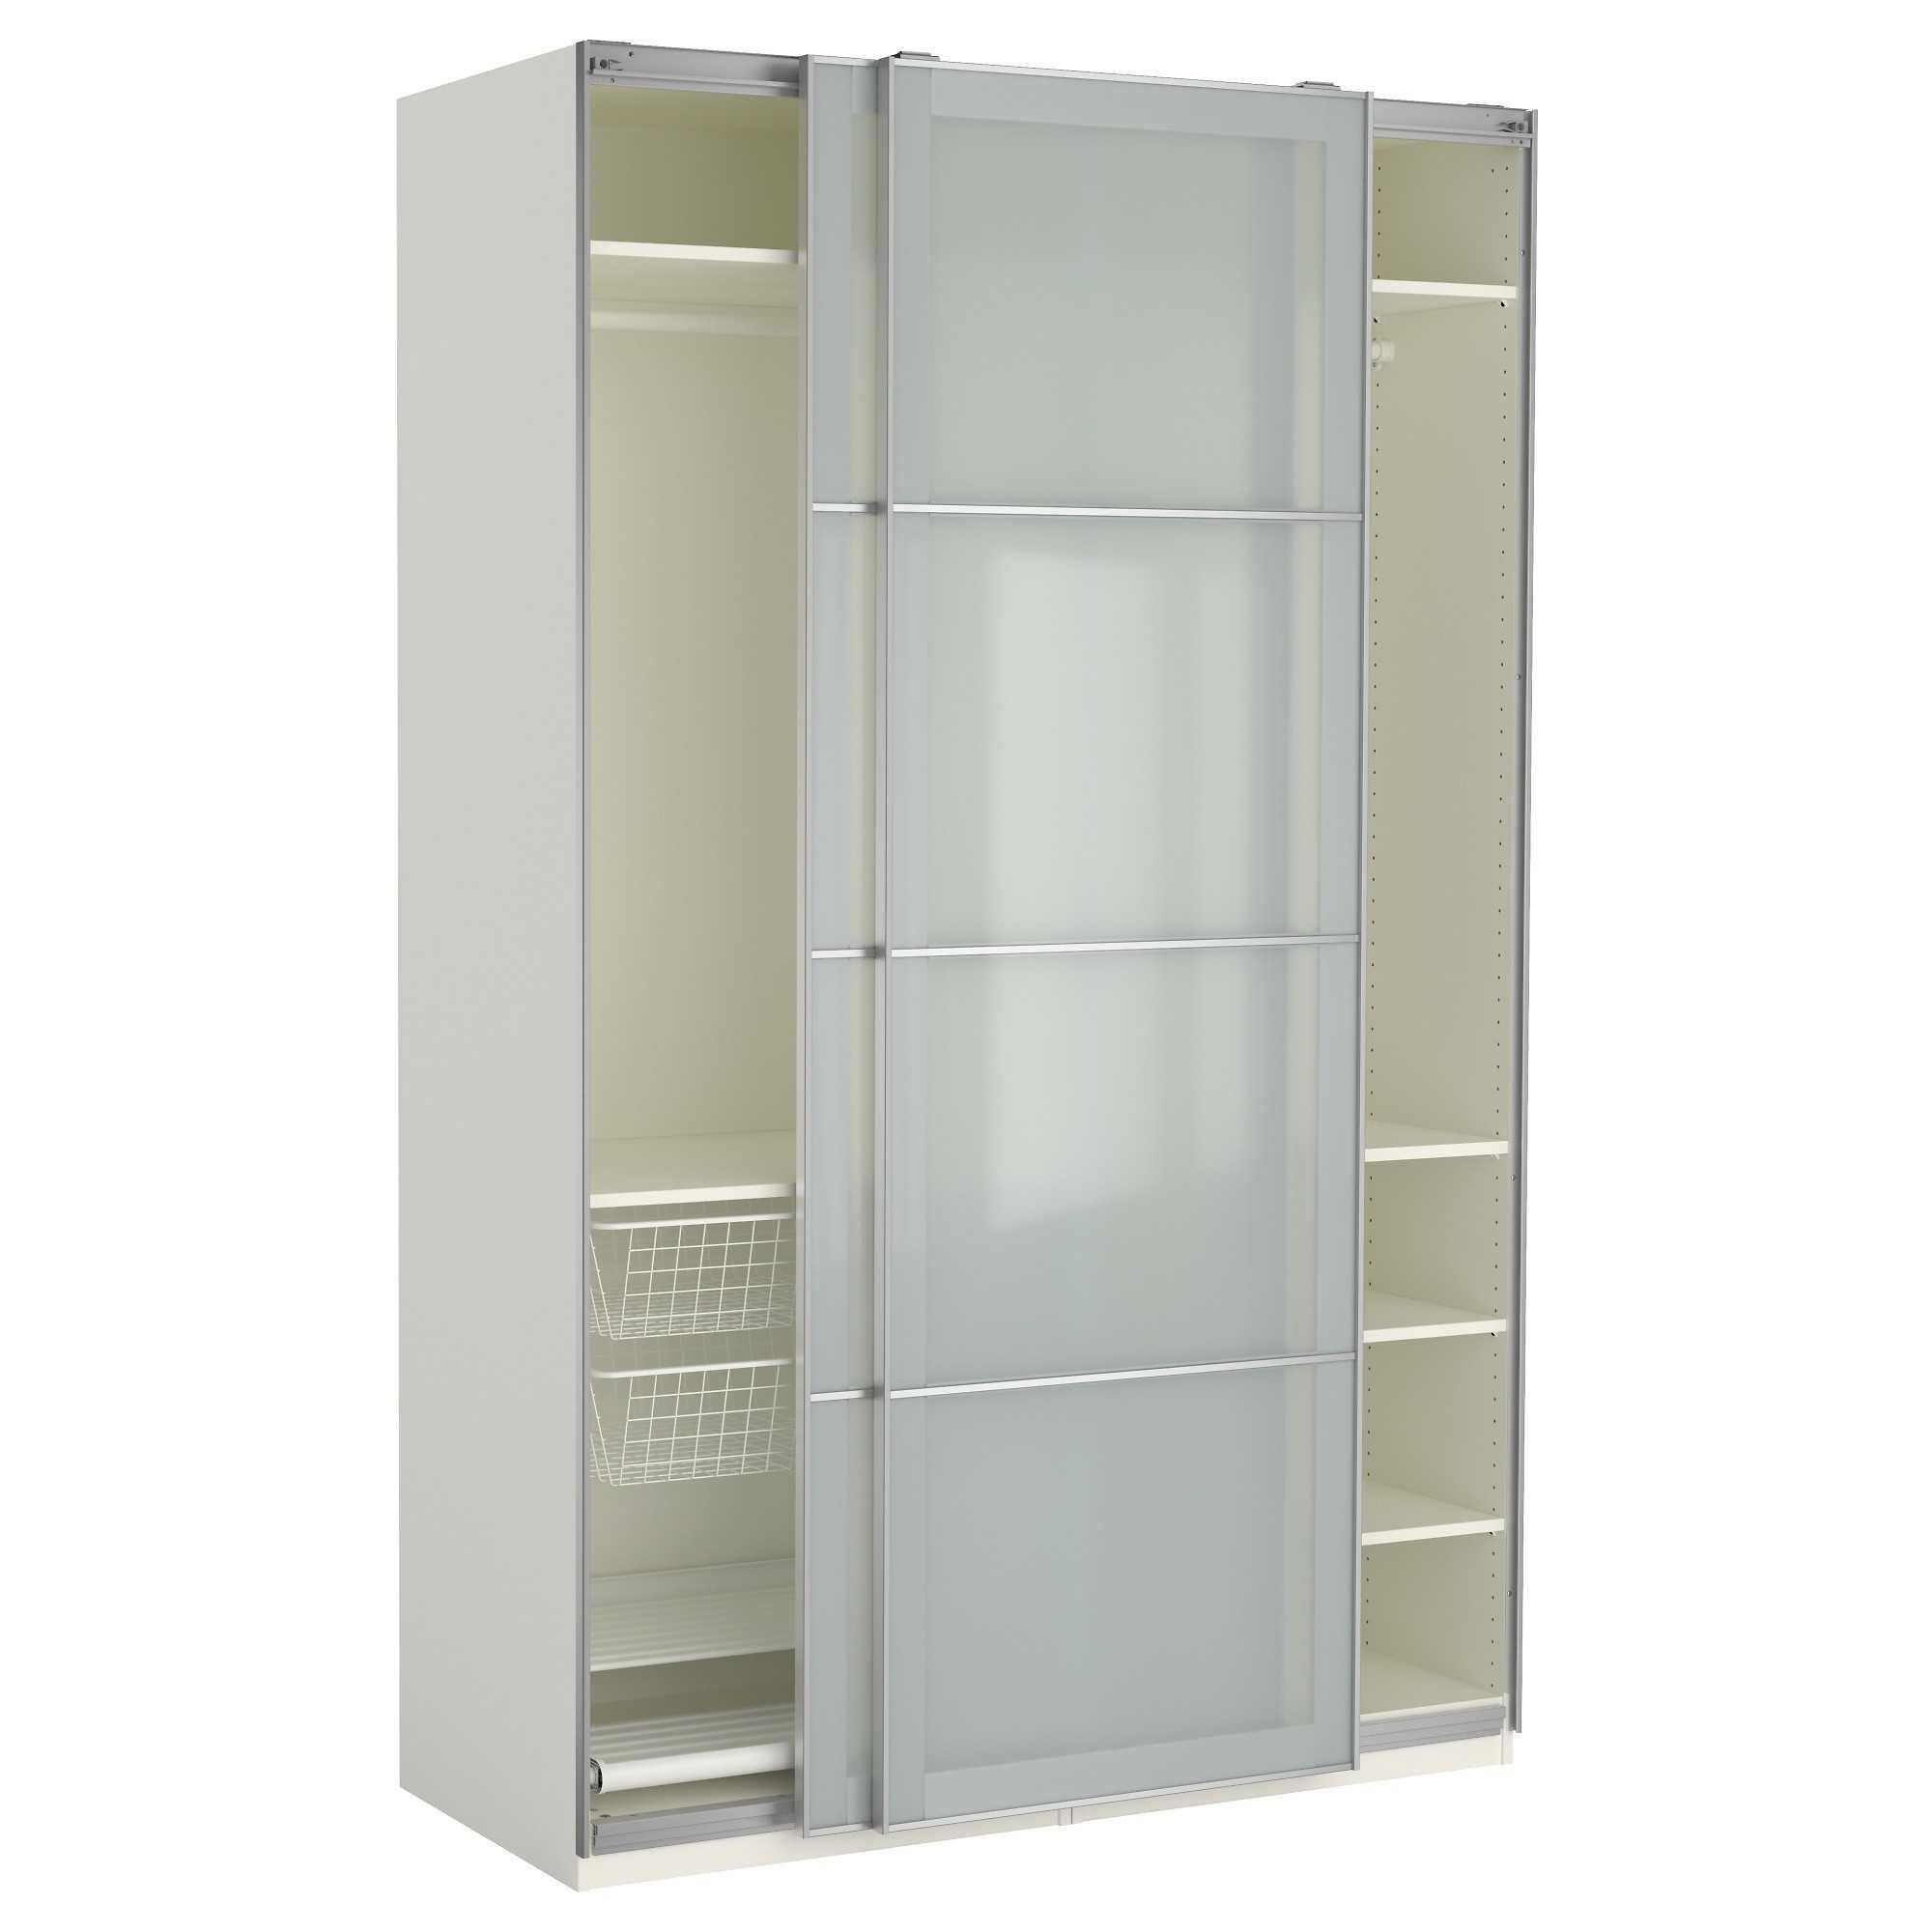 Ikea Cuisine Fermeture Pour Rideau Meuble Idée Cxrdqtsh